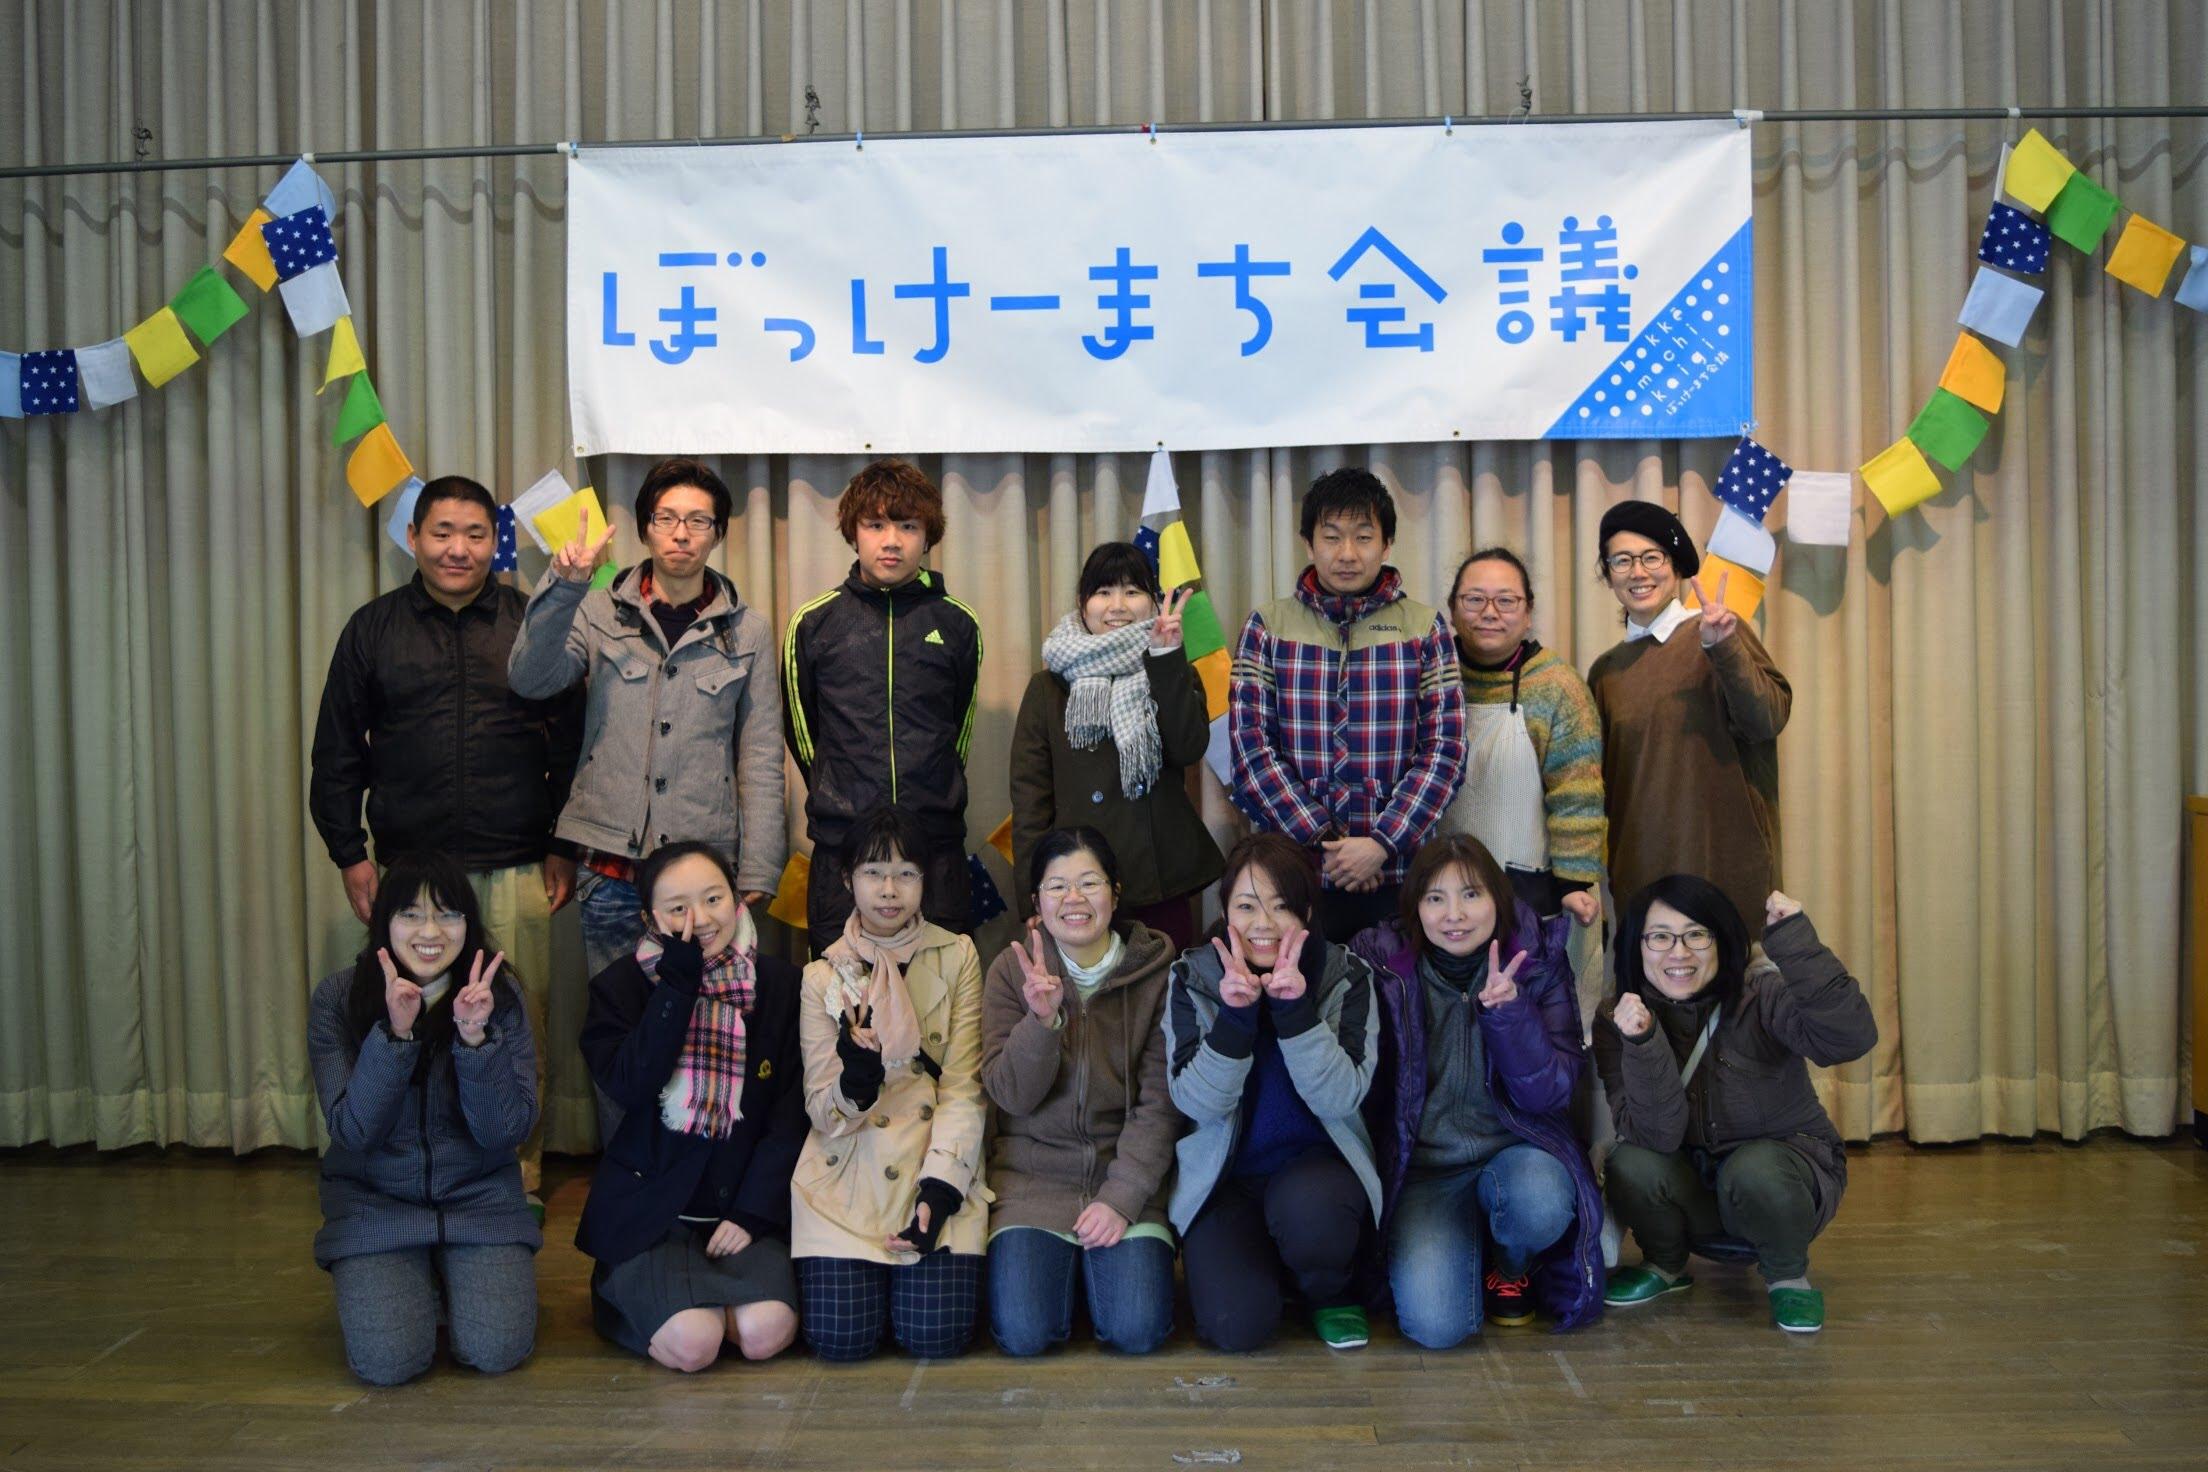 2月3日 第一回文化祭レビュー